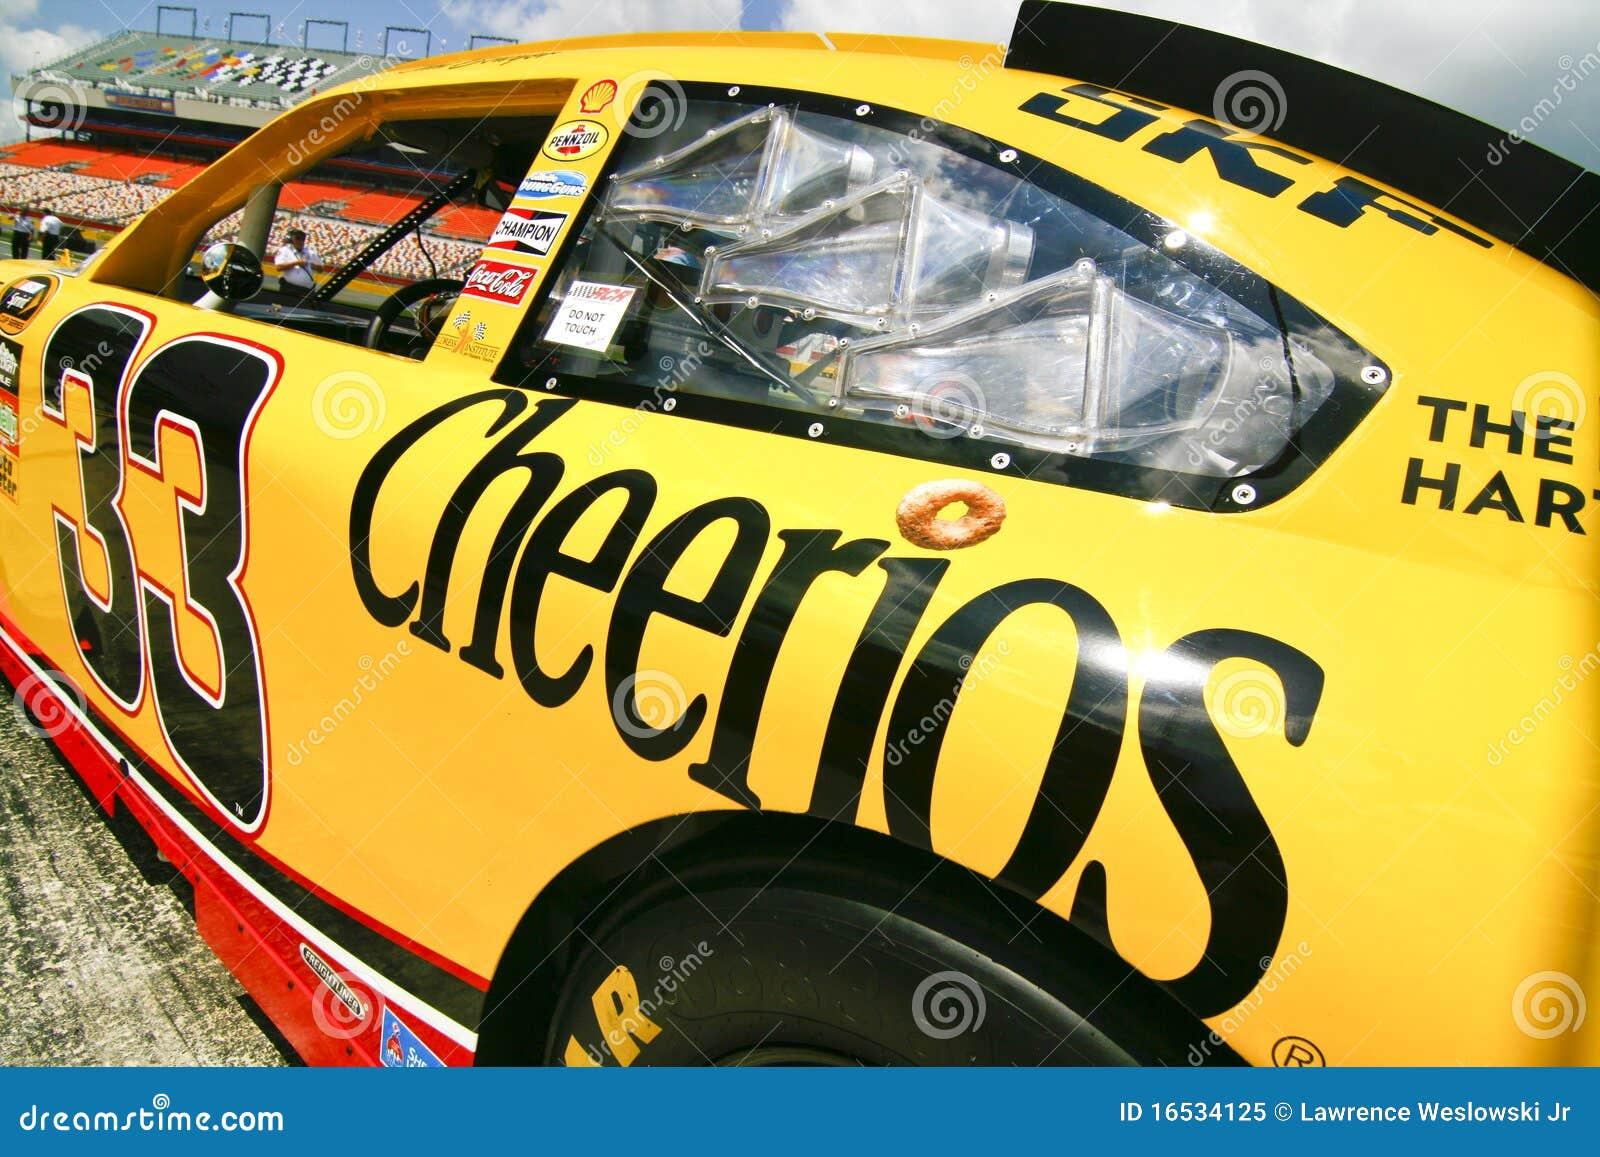 NASCAR - Cheerios Sponsorship